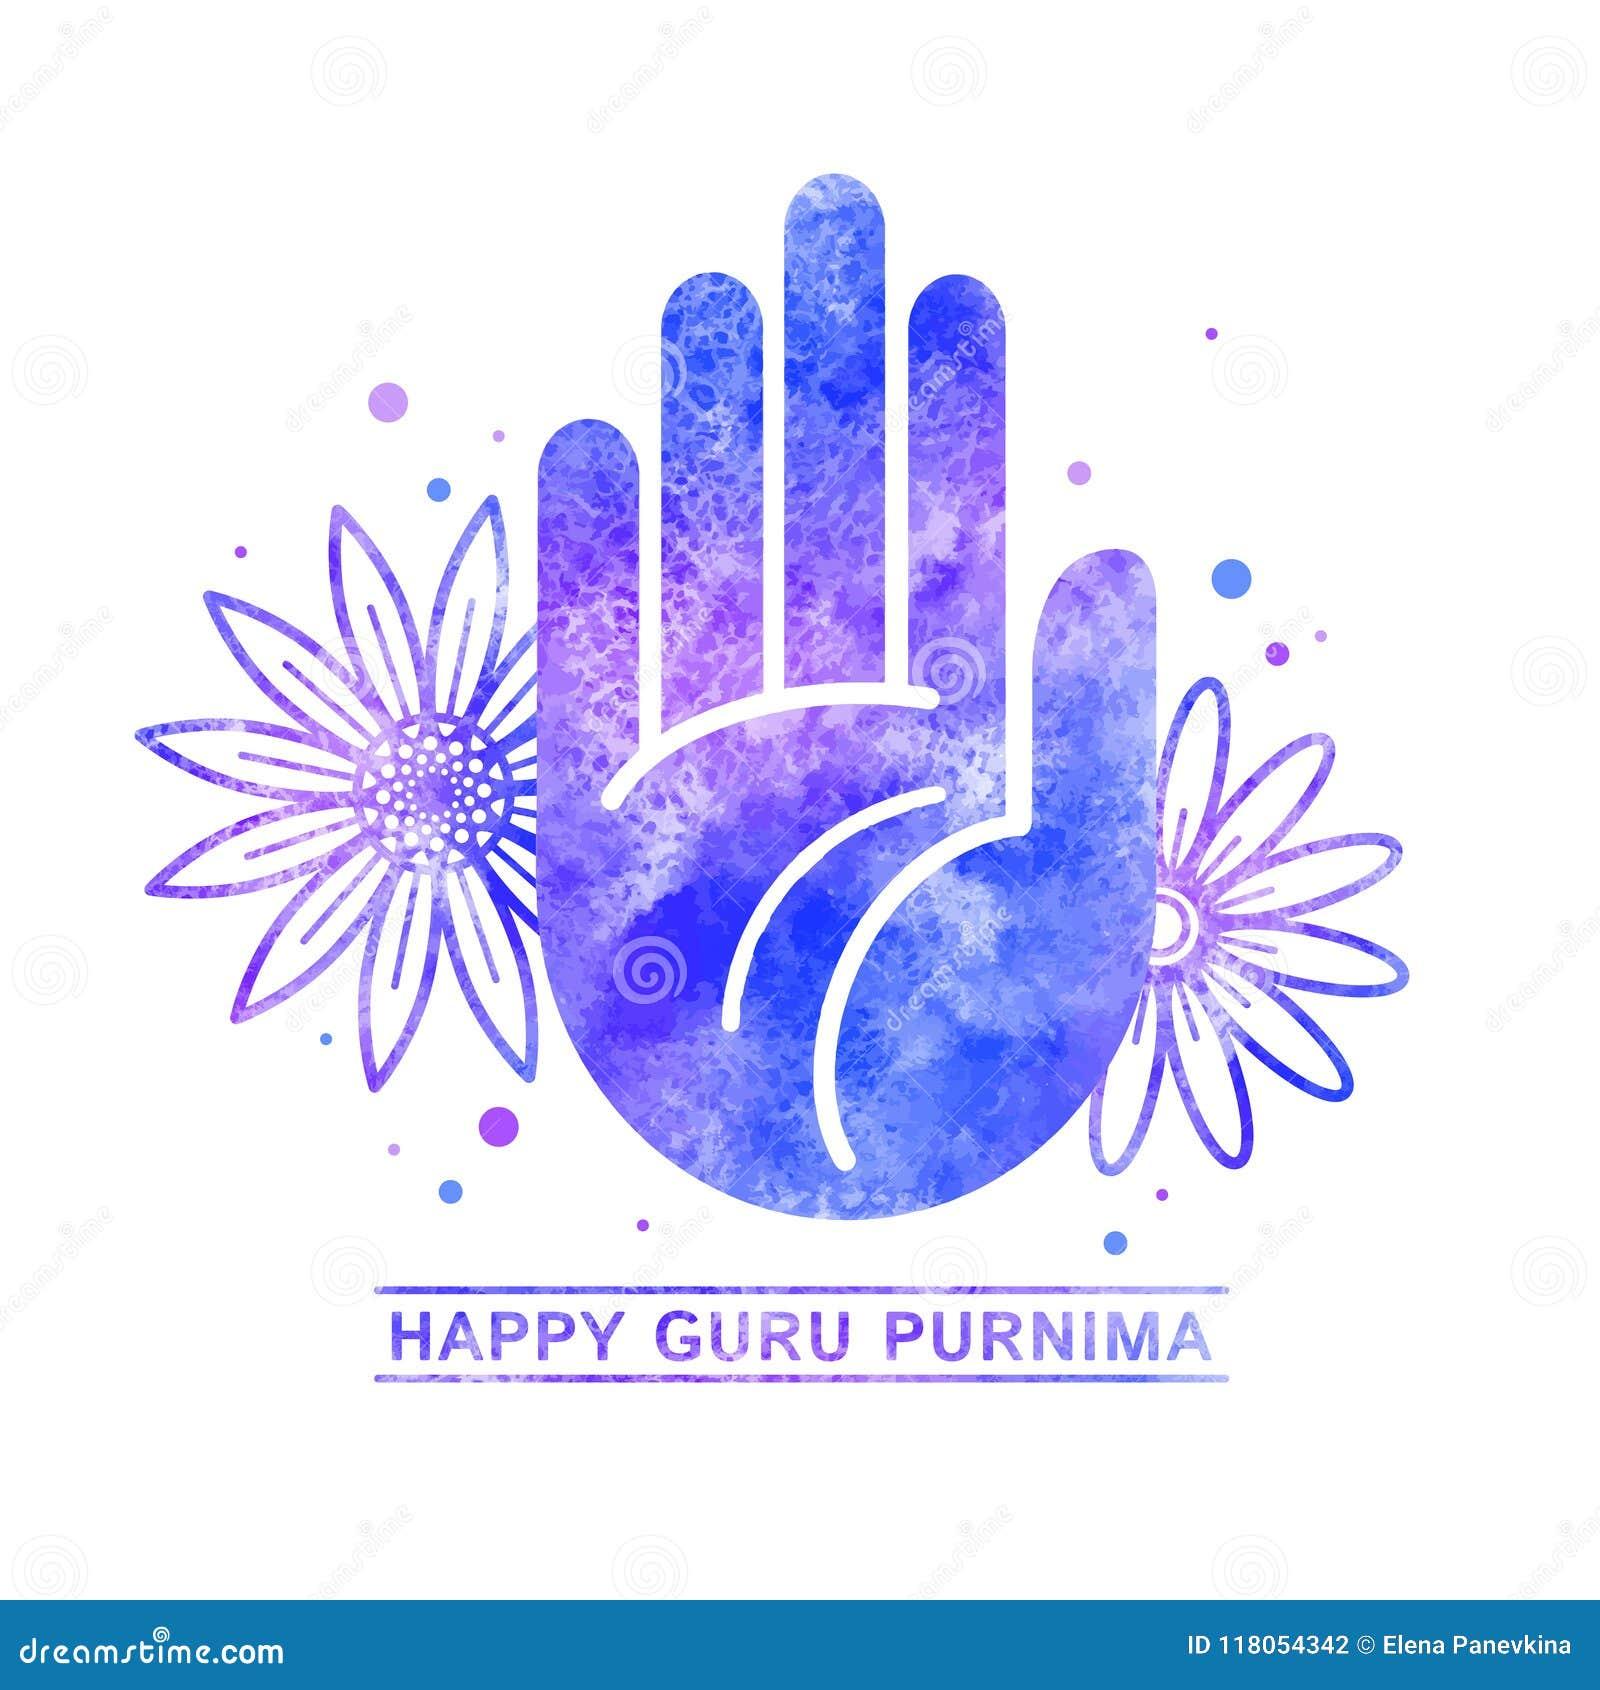 happy guru purnima greeting card watercolor template stock vector